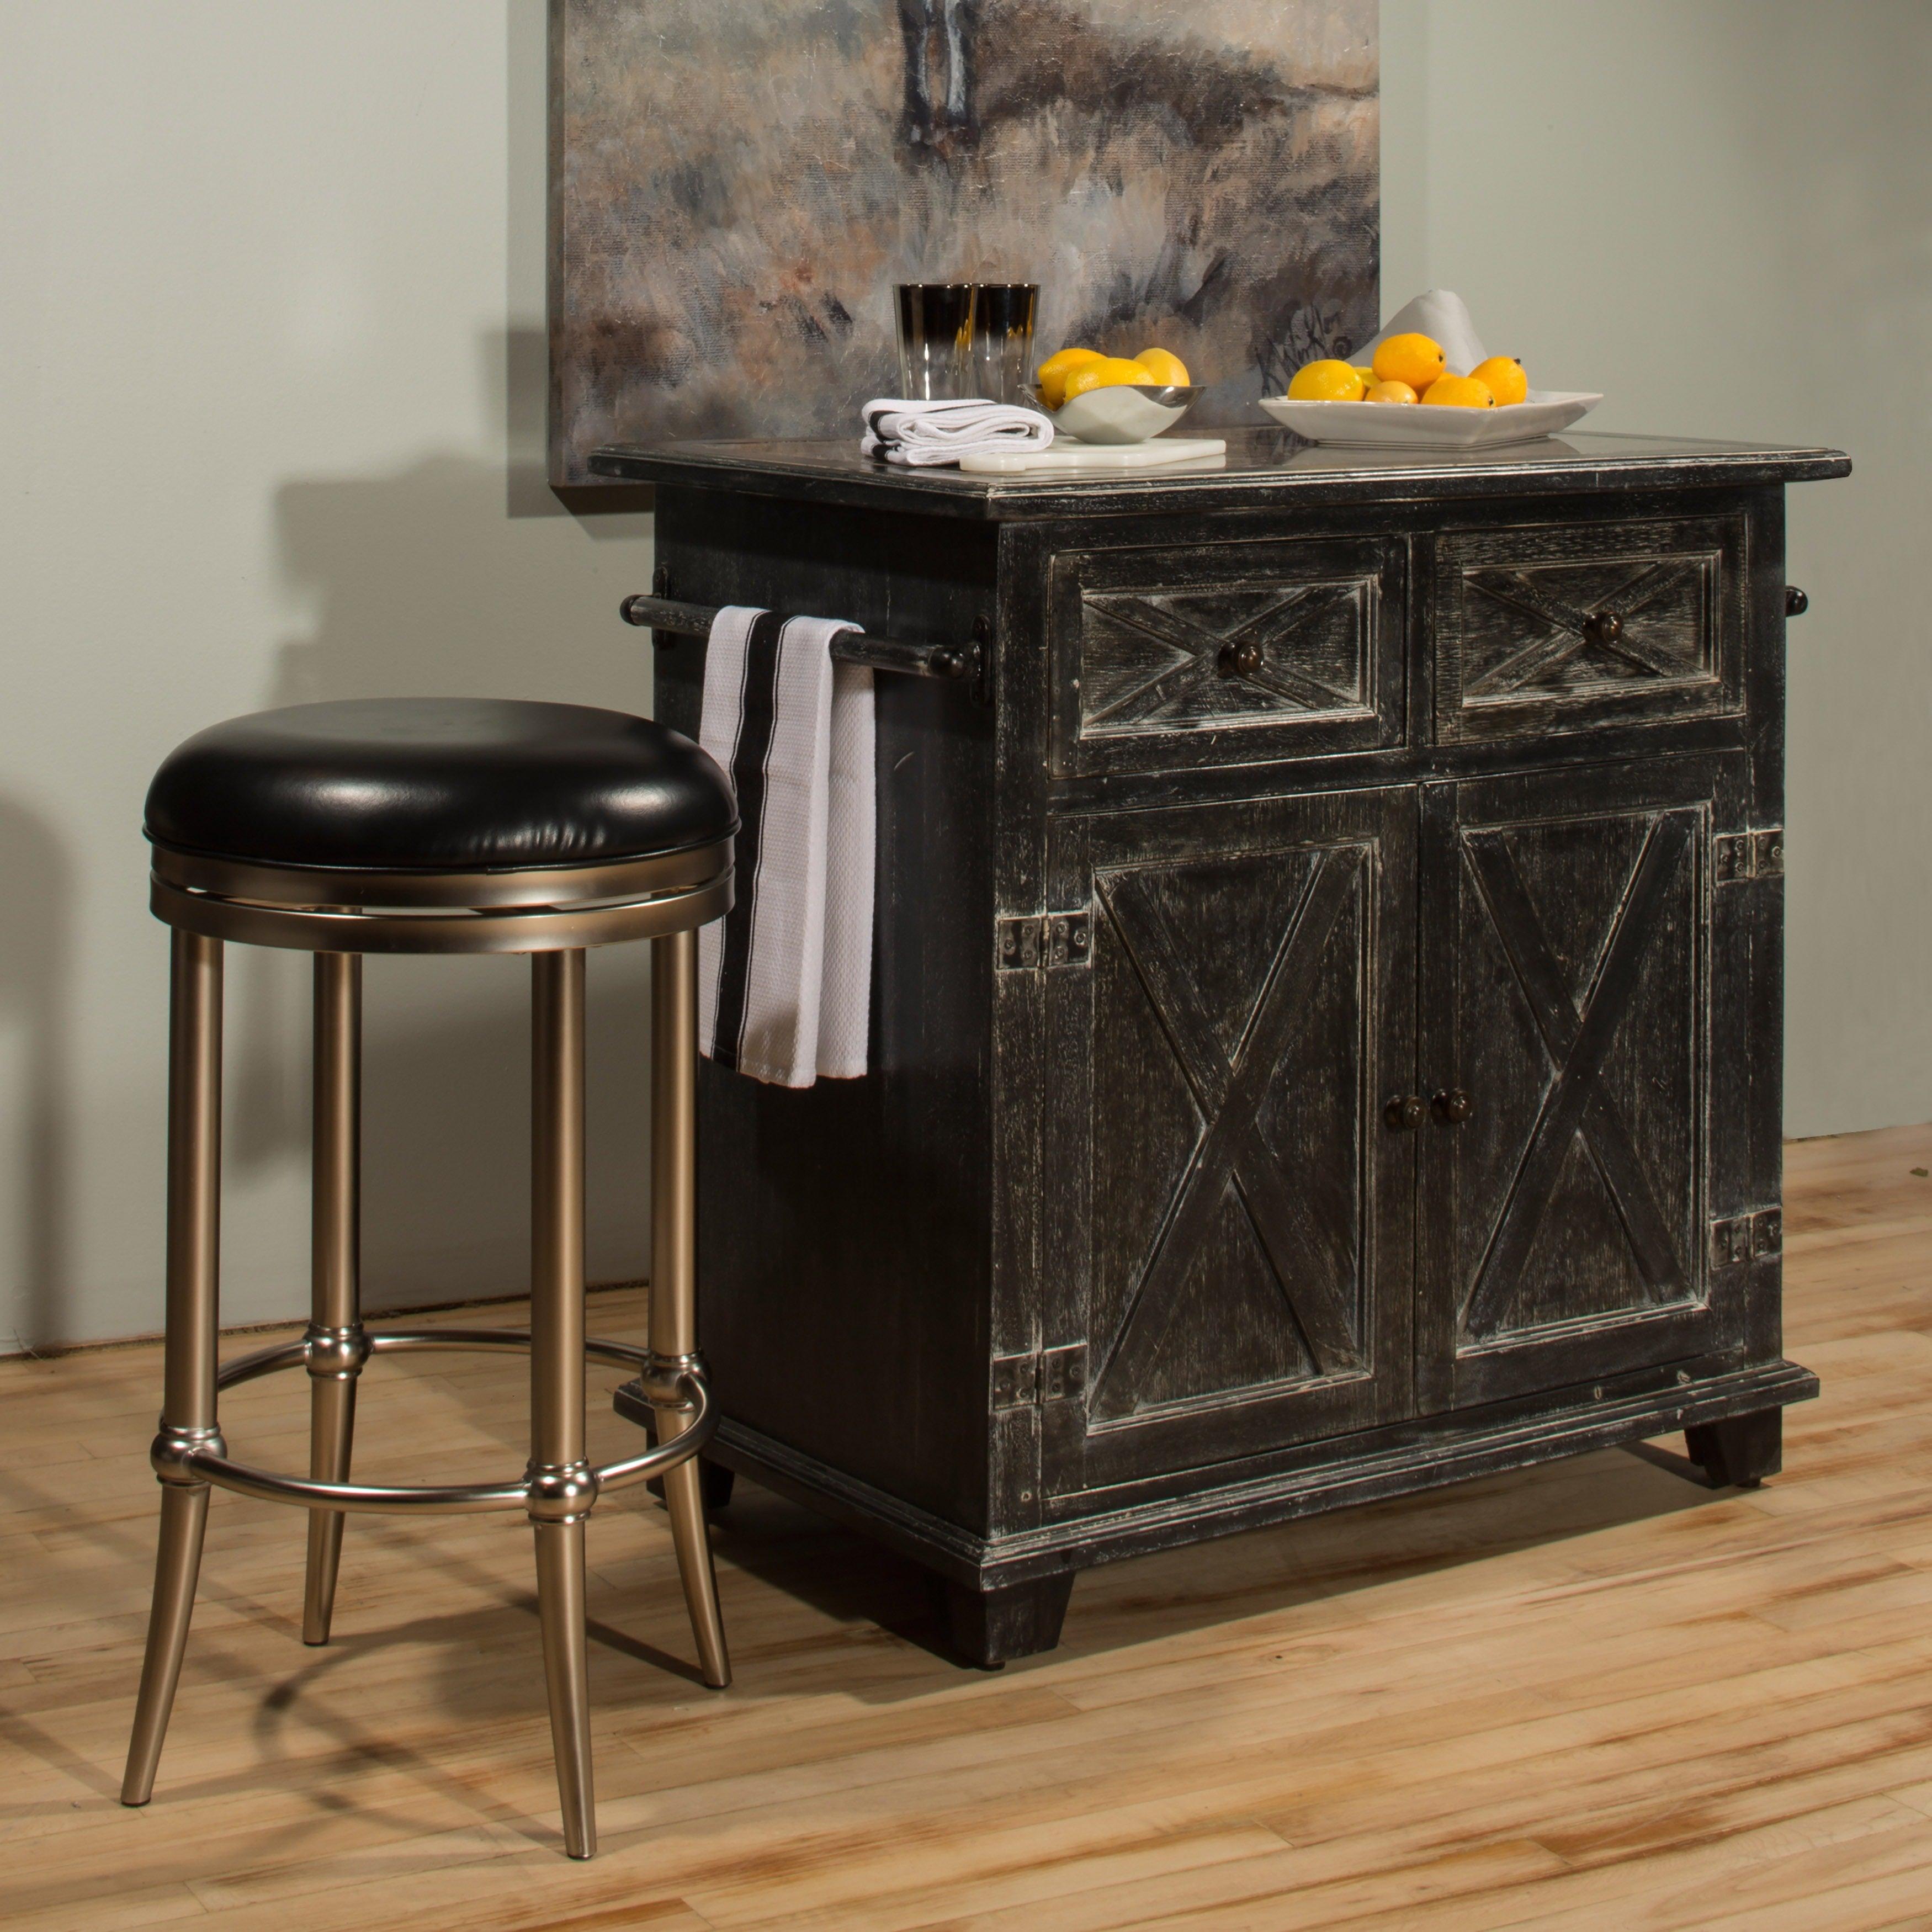 Hillsdale Furnitureu0026#x27;s Bellefonte X Design Rustic Black Kitchen Island